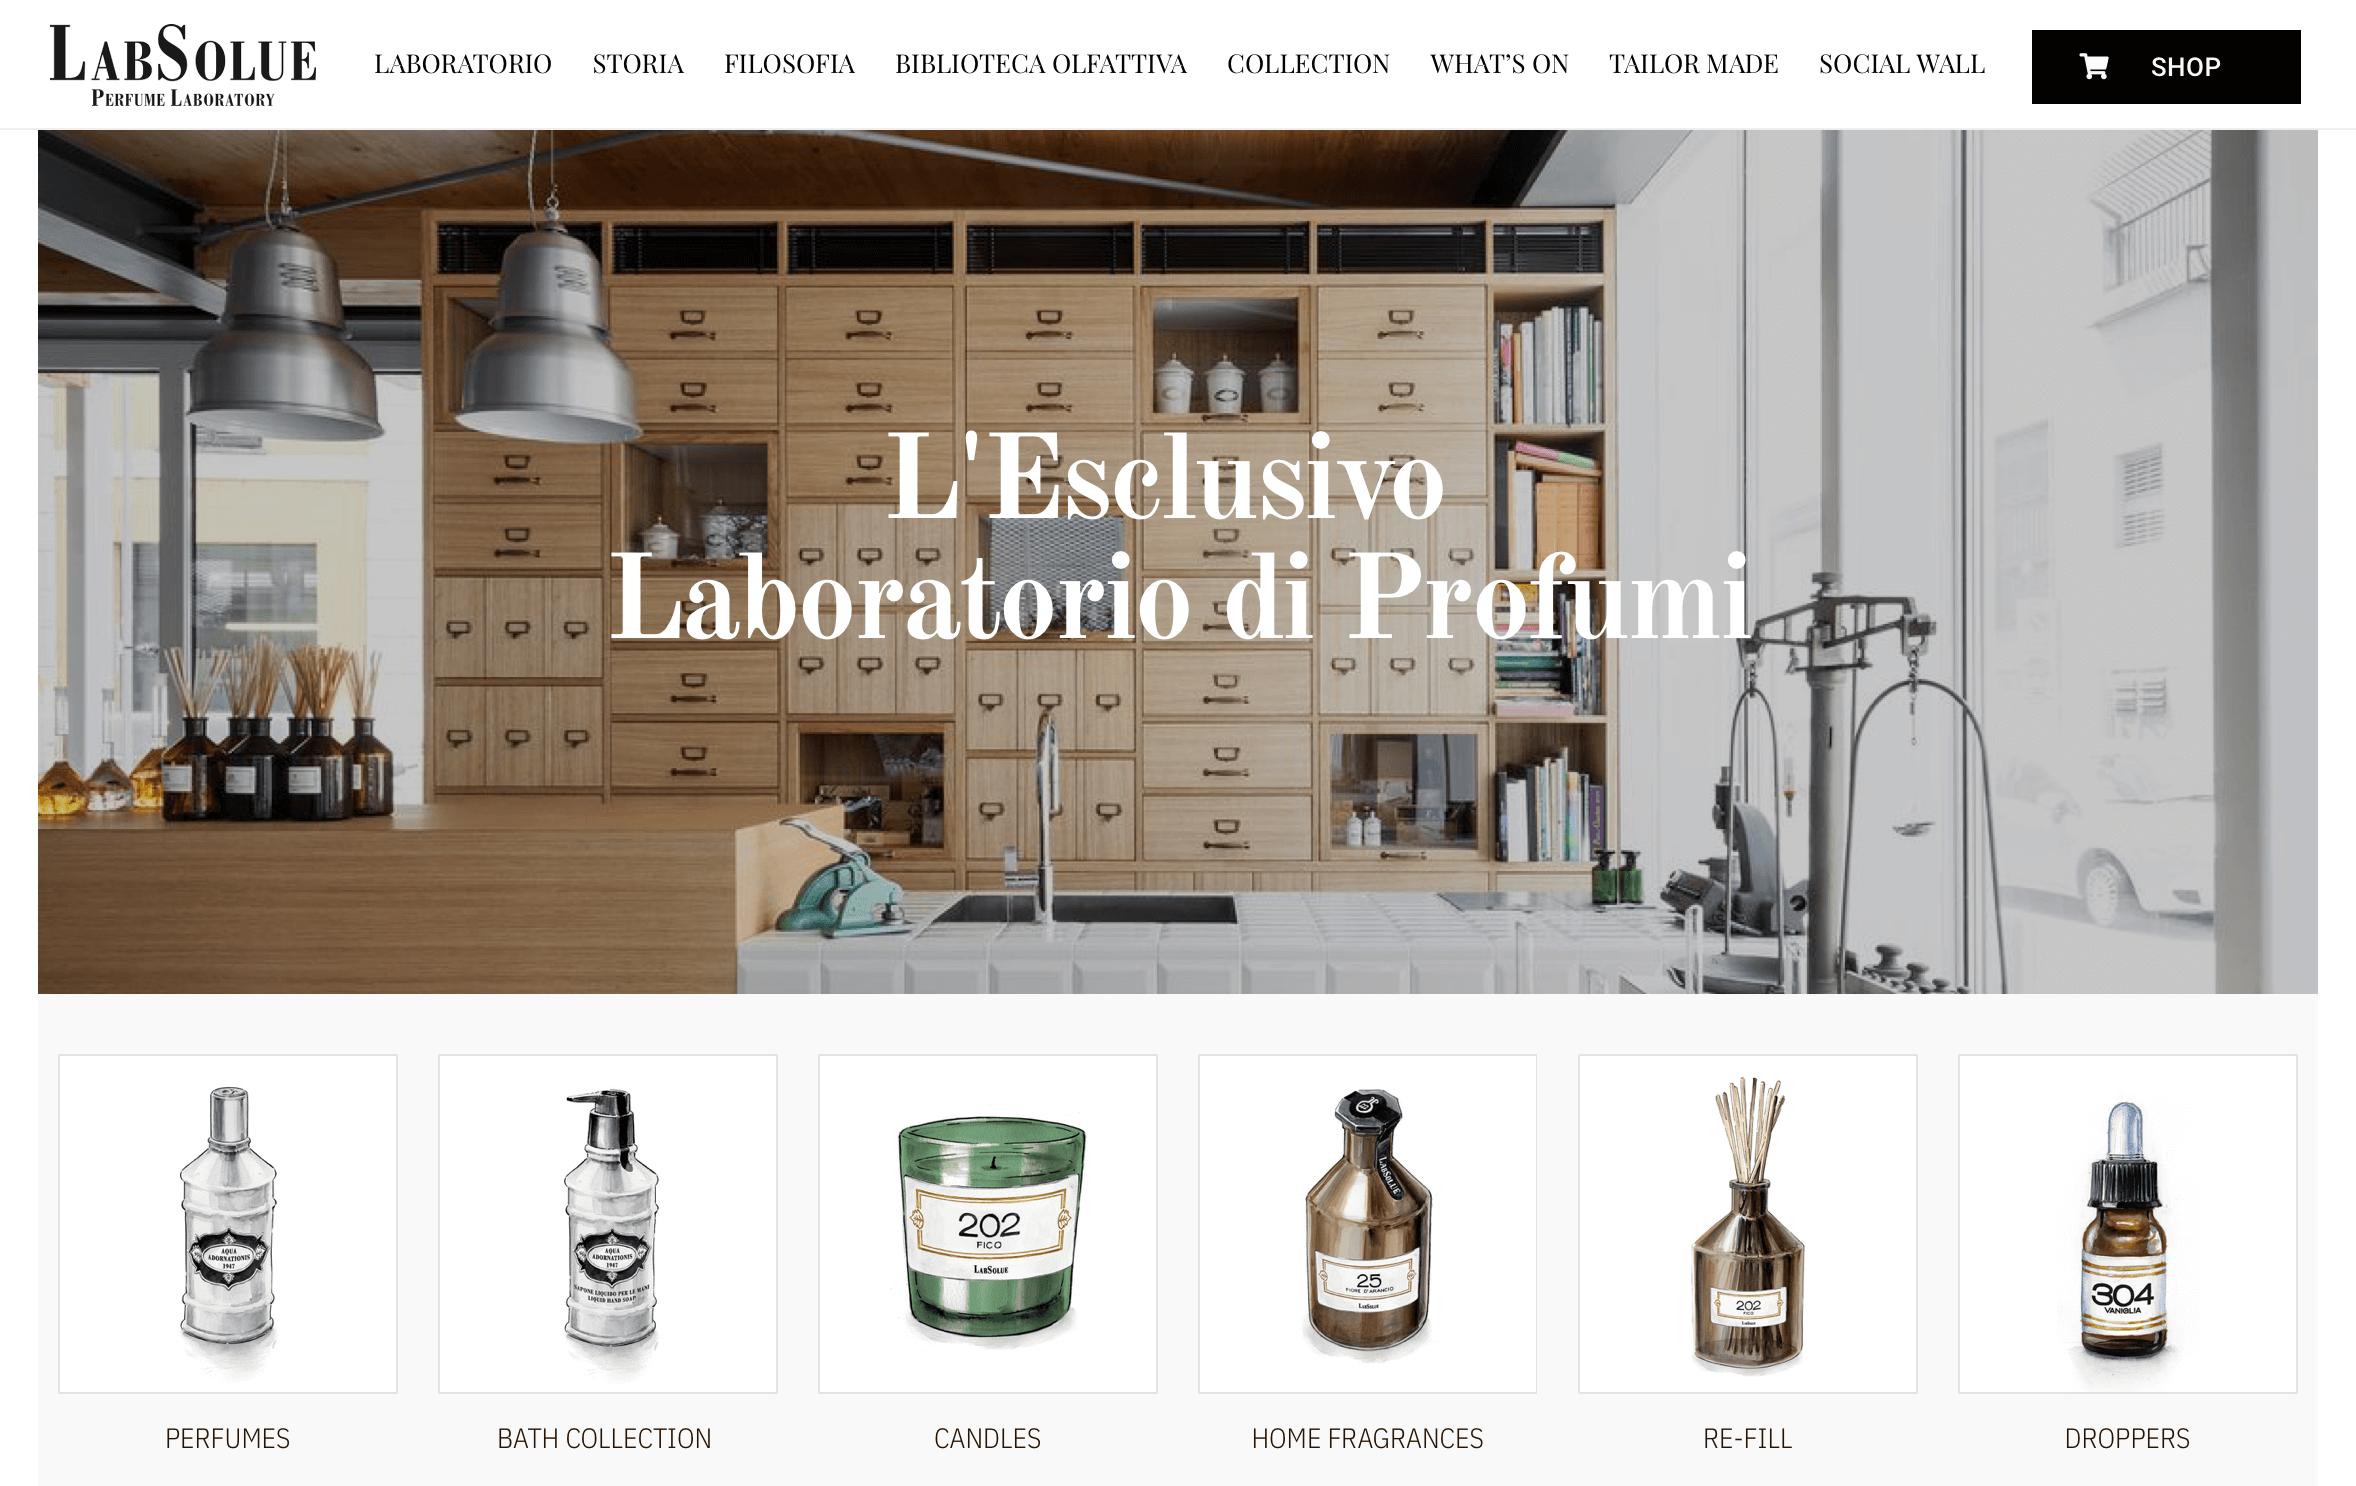 意大利香水制造商 ICR 创始人之女、香水界著名才女 Giorgia Martone 意外去世